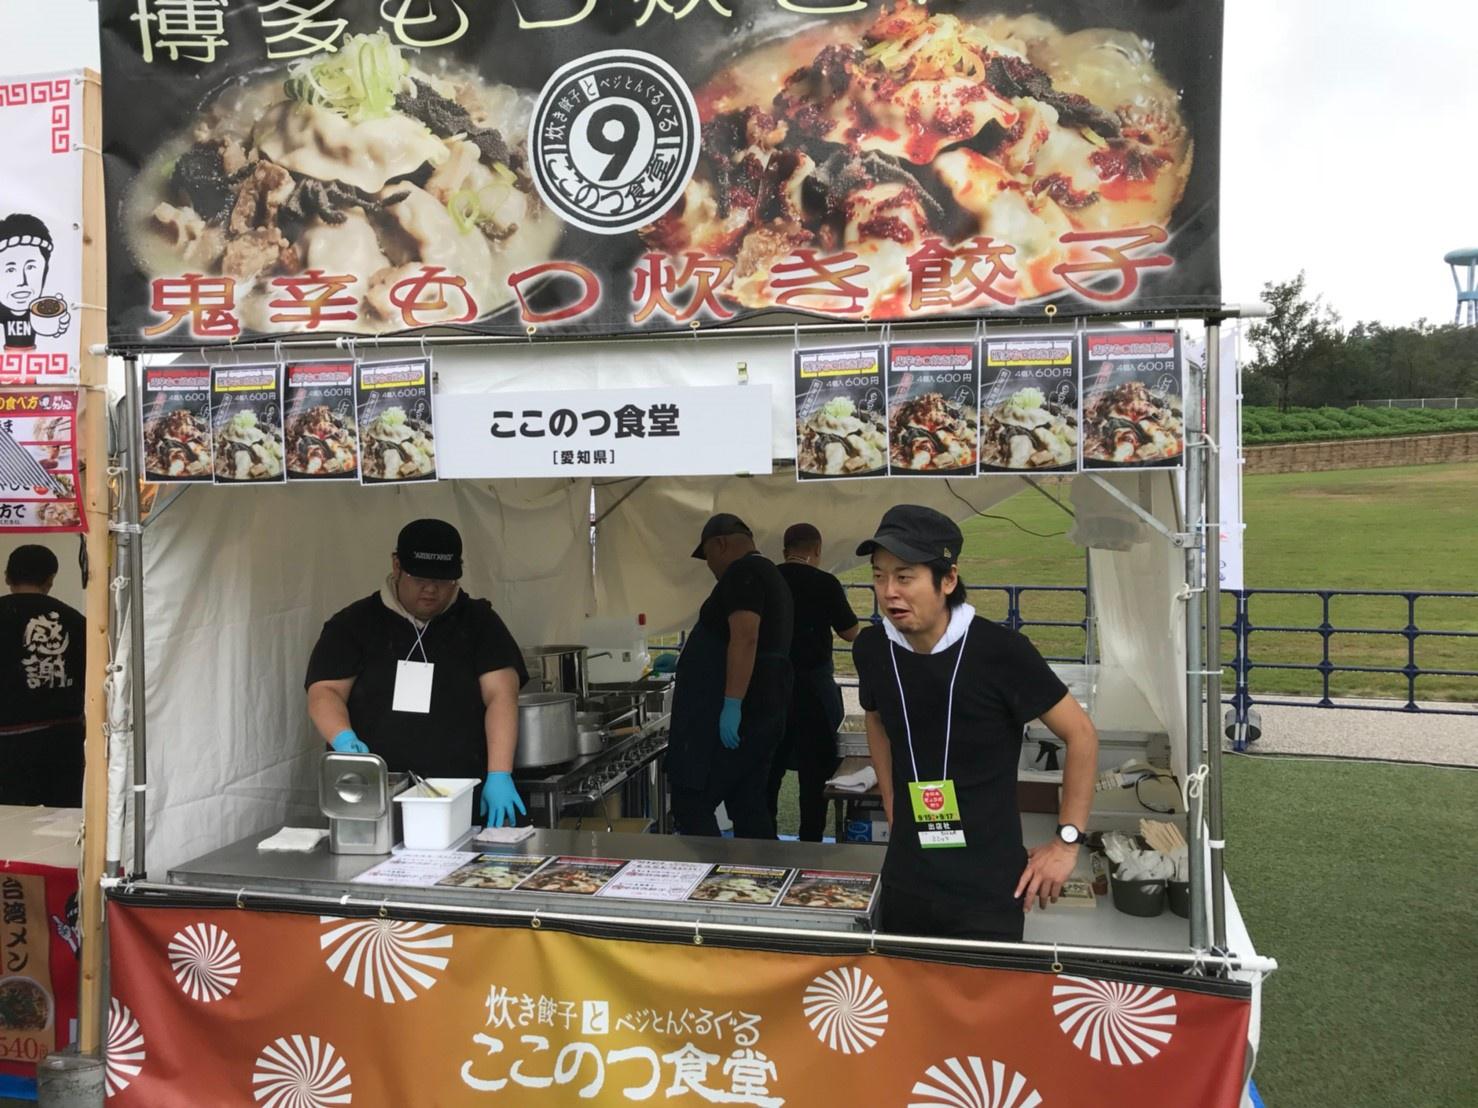 【出店】第一回全日本餃子祭り in モリコロパーク